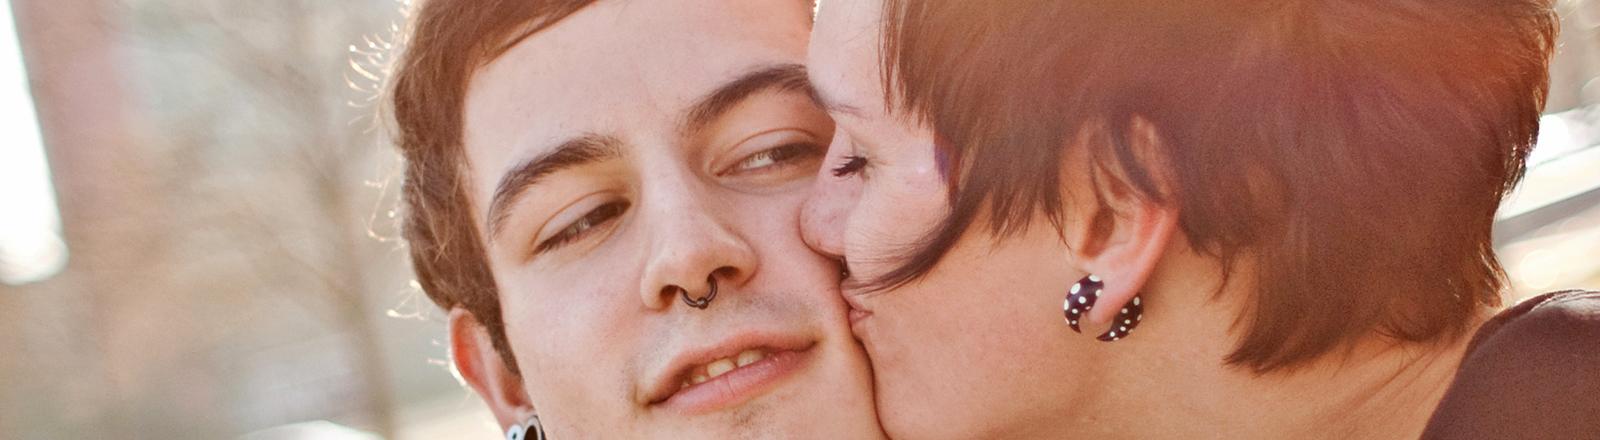 Eine Frau küsst mit geschlossenen Augen einen Mann auf die Wange, er schaut sie an.